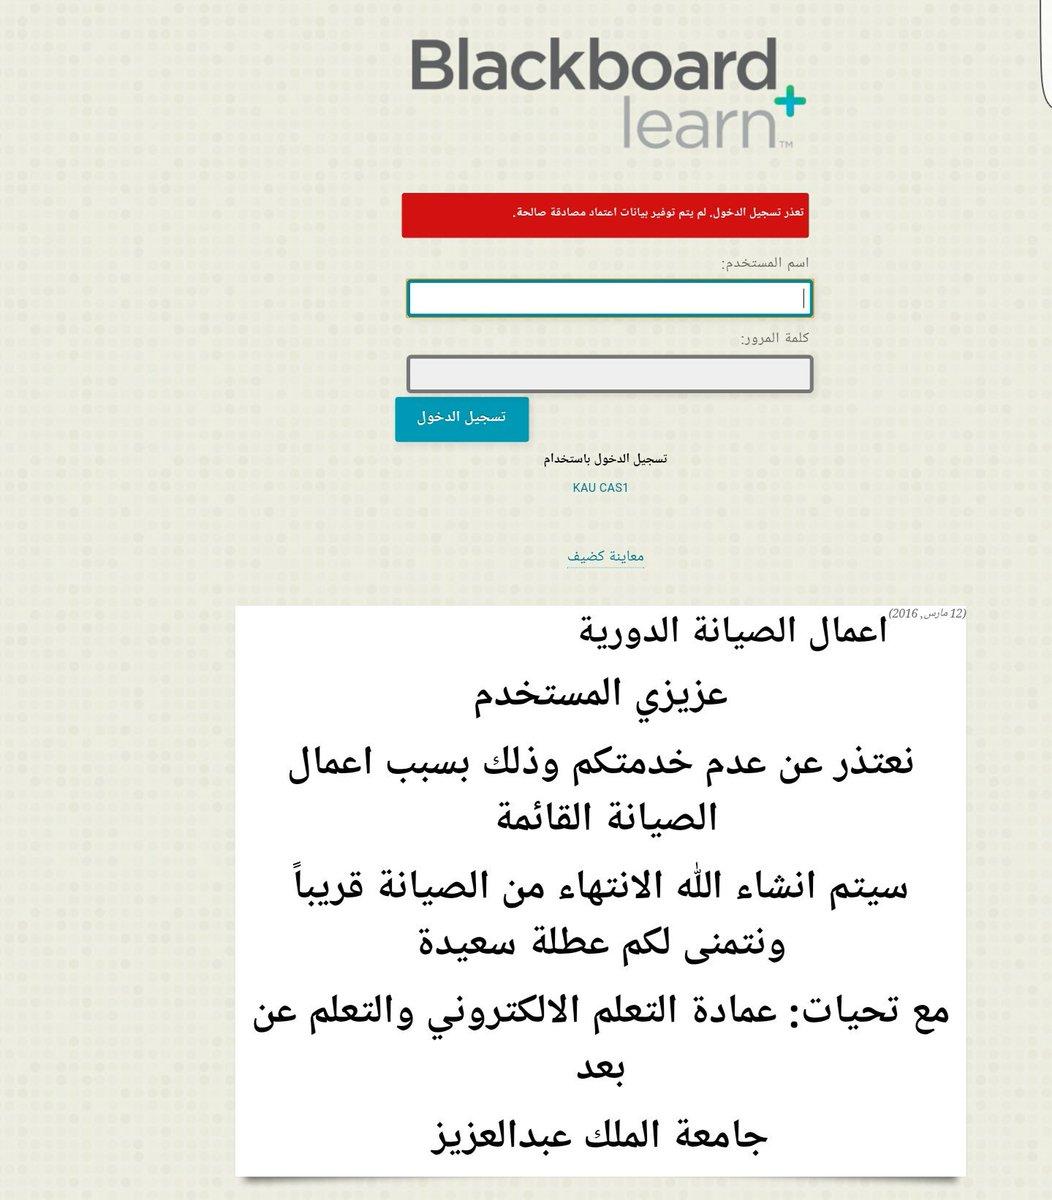 تحميل برنامج بلاك بورد جامعة الملك عبدالعزيز